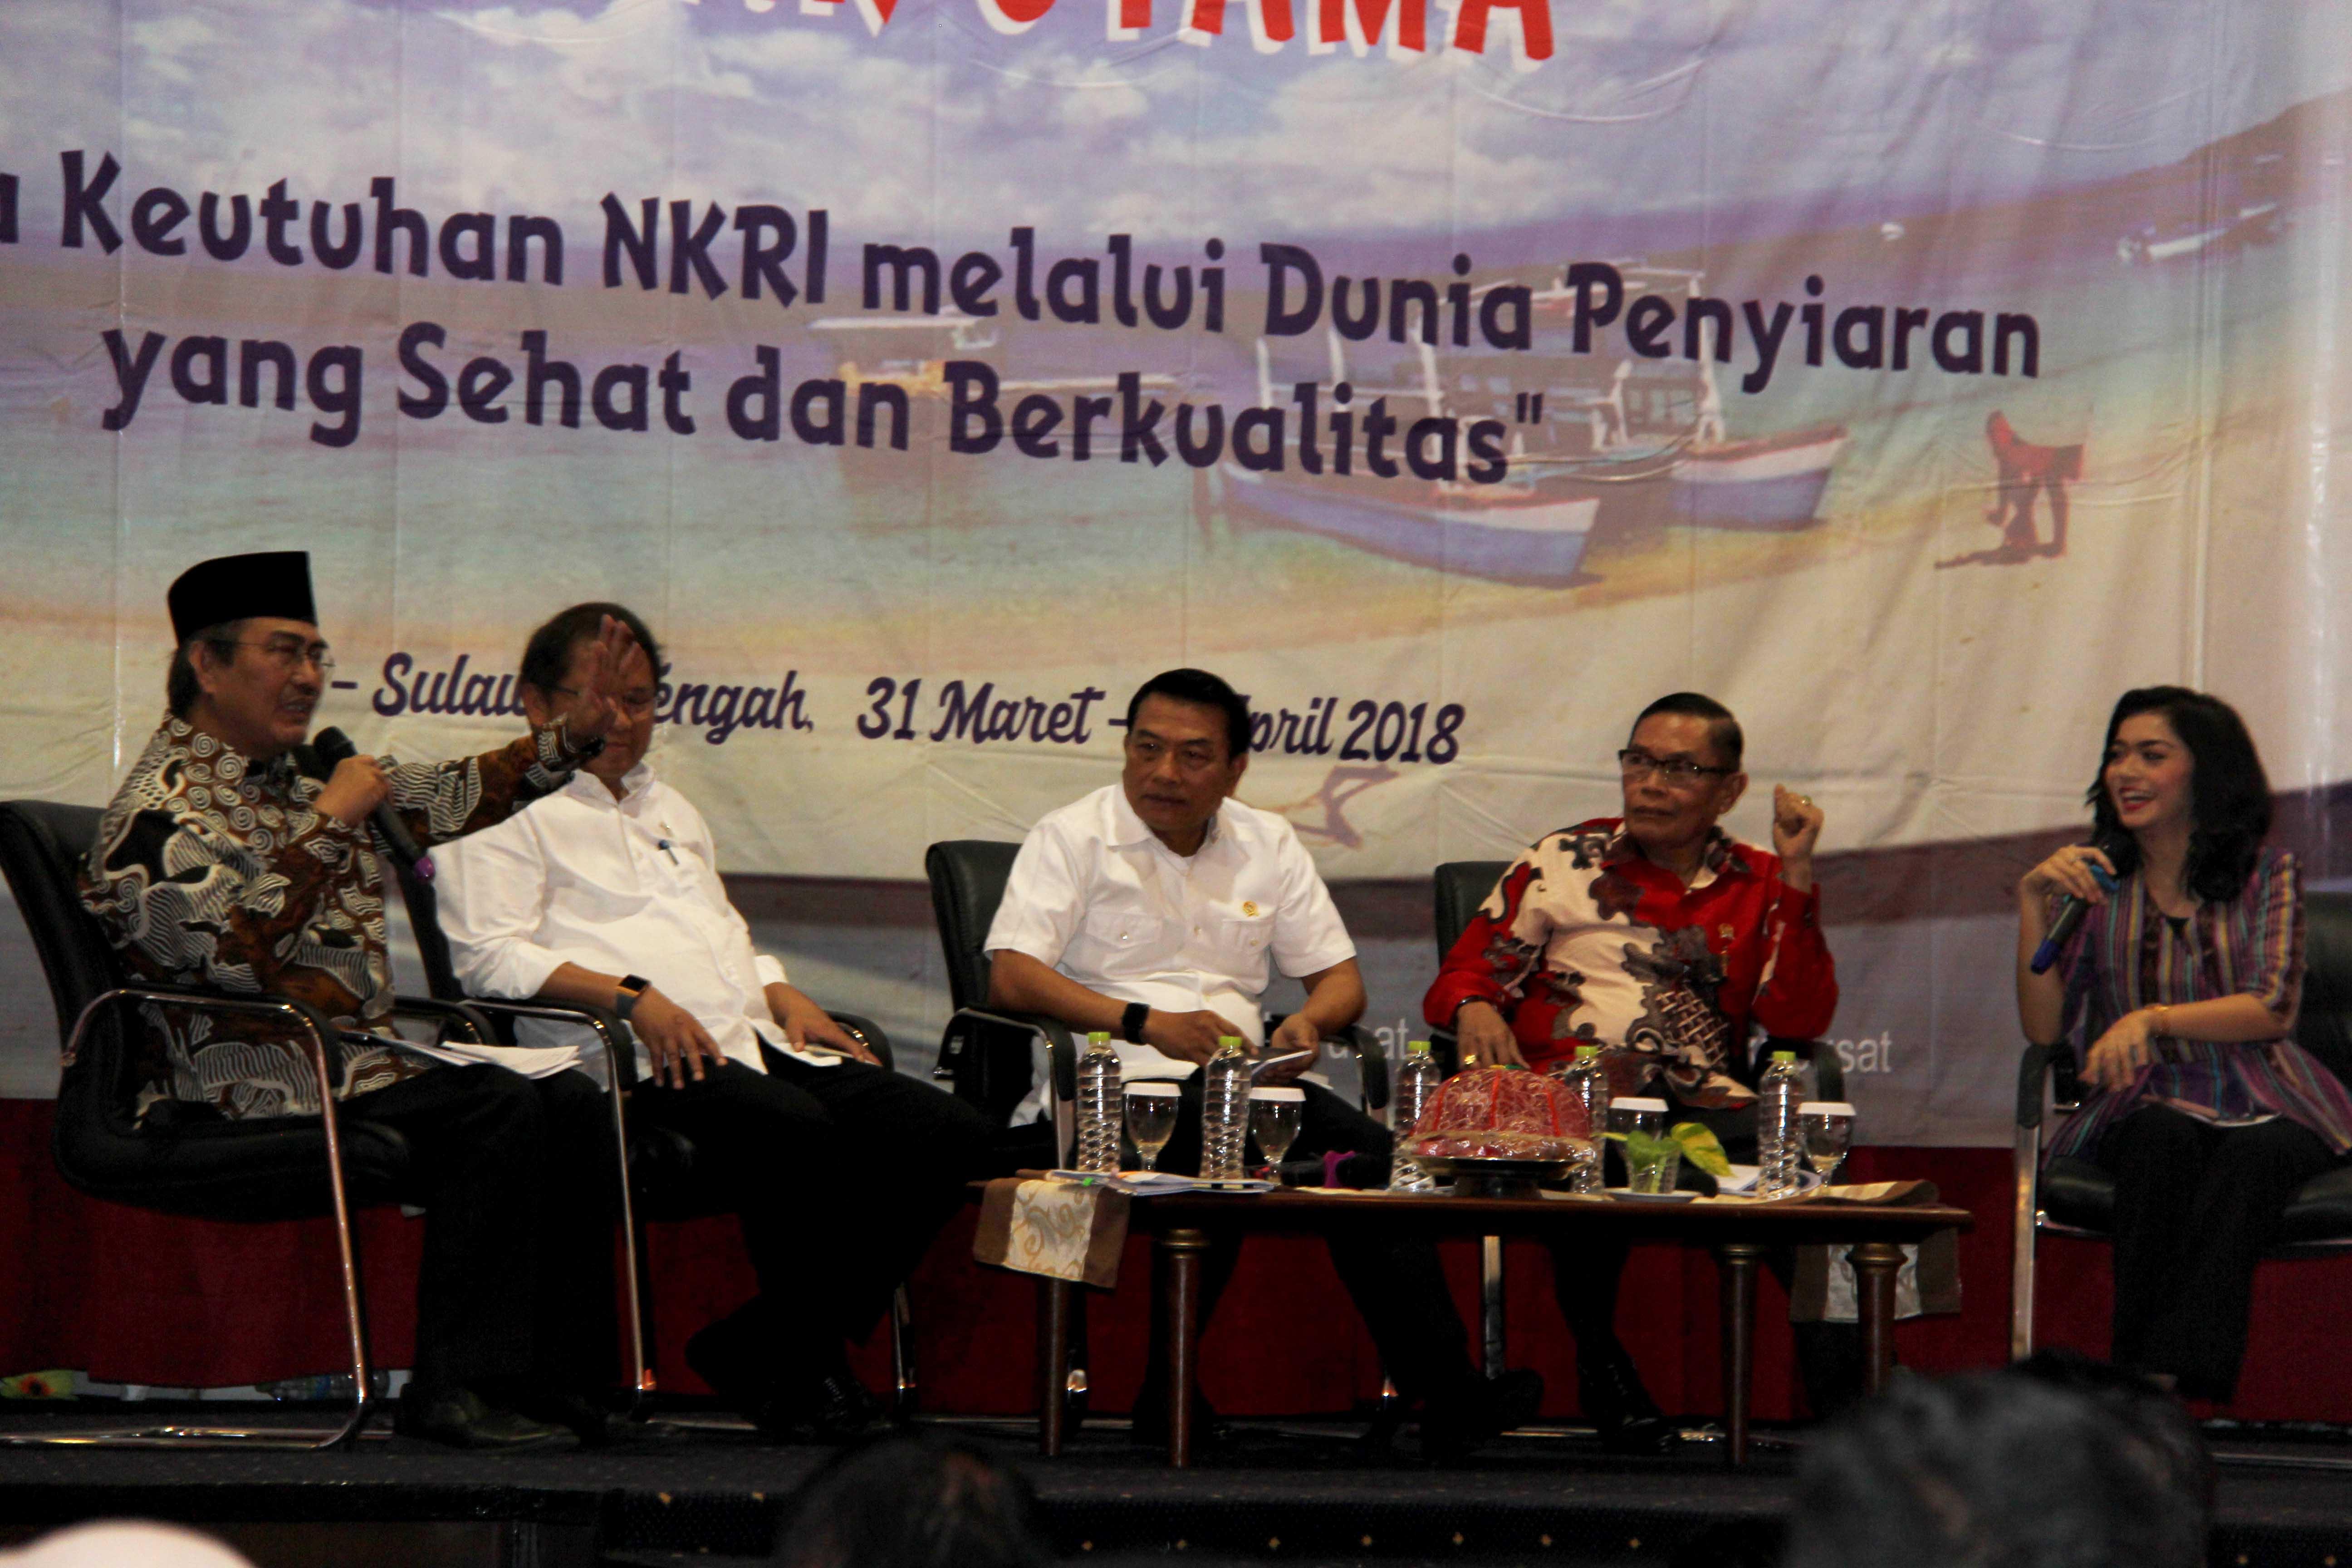 Seminar utama Hari Penyiaran Nasional (Harsiarnas) ke-85 di Convention Hall Hotel Swissbell, Palu, Senin (2/4/2018).